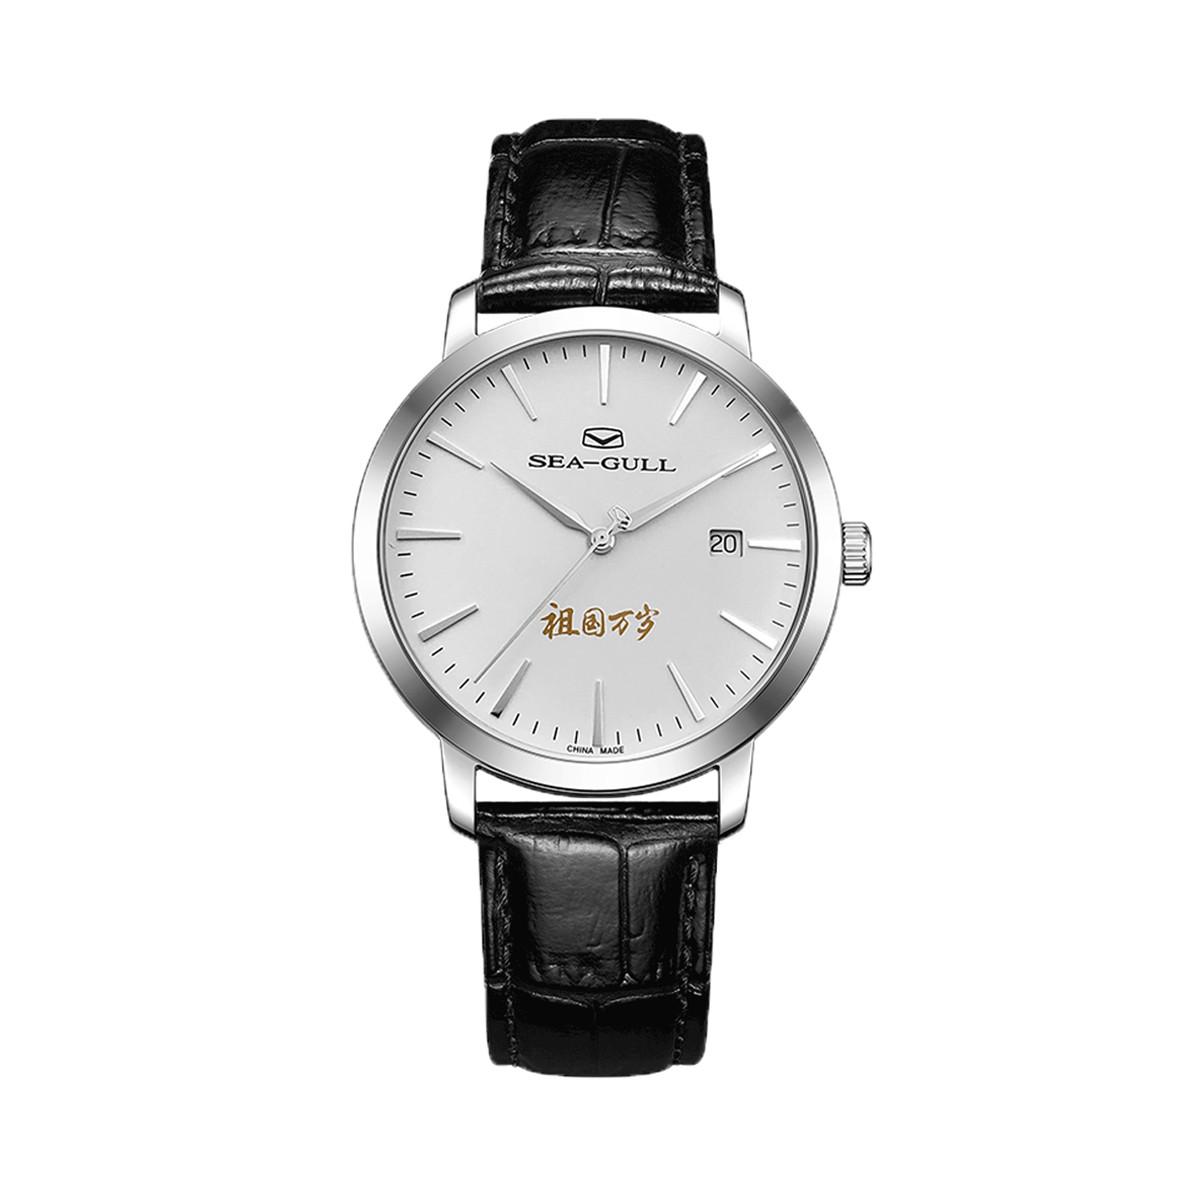 海鸥自动机械男士手表单历防水腕表国庆70周年纪念款X081912194911